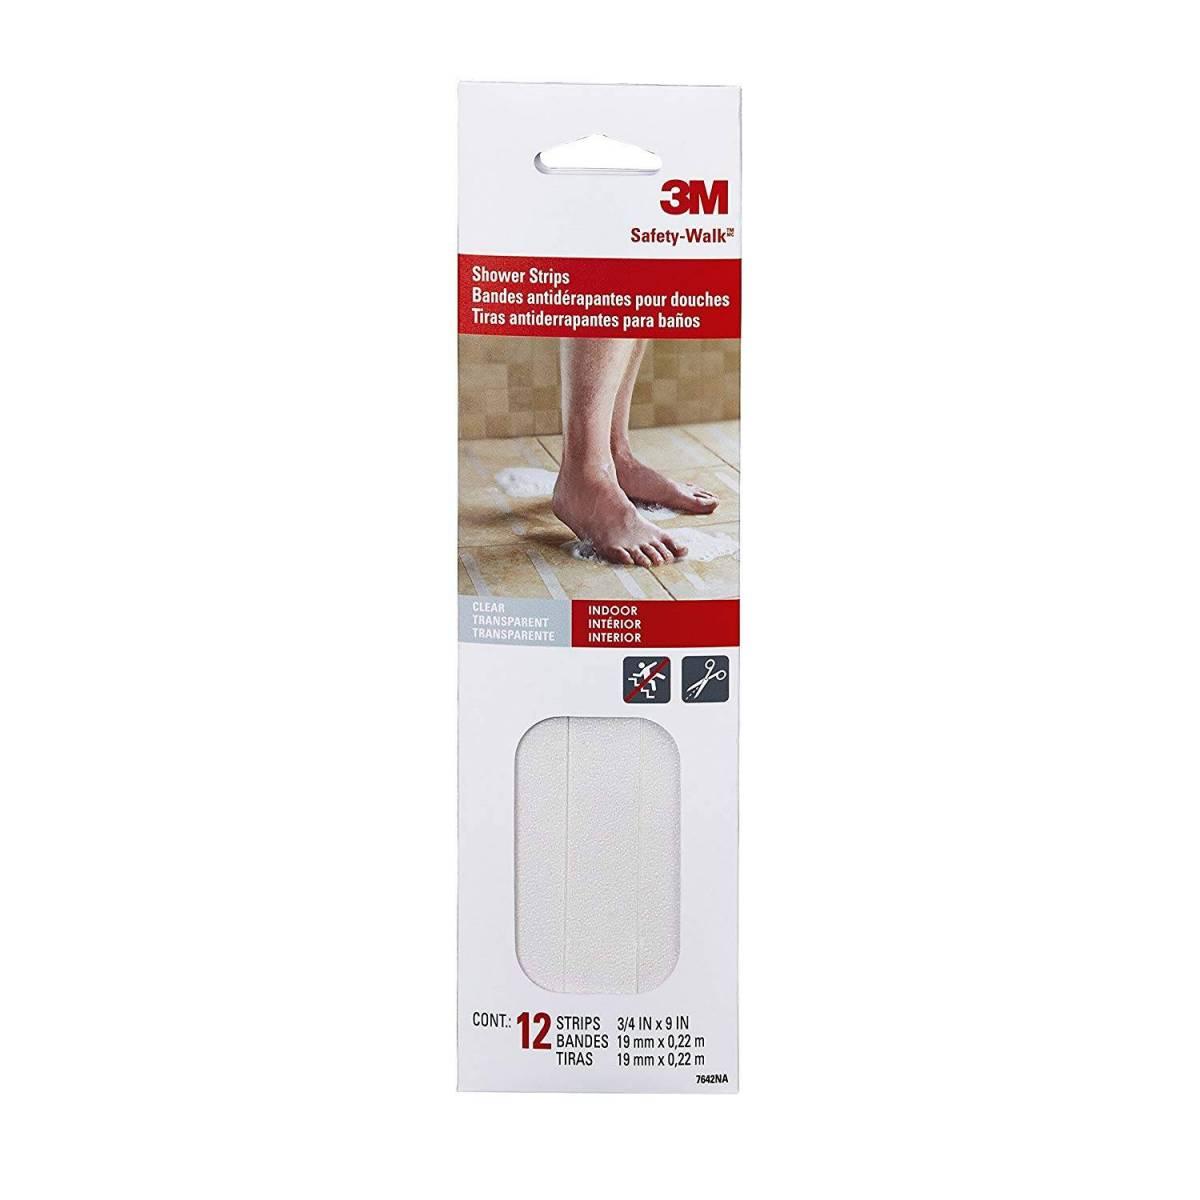 3m Bath & Shower Safety-Walk Bottines 7642NA CLR